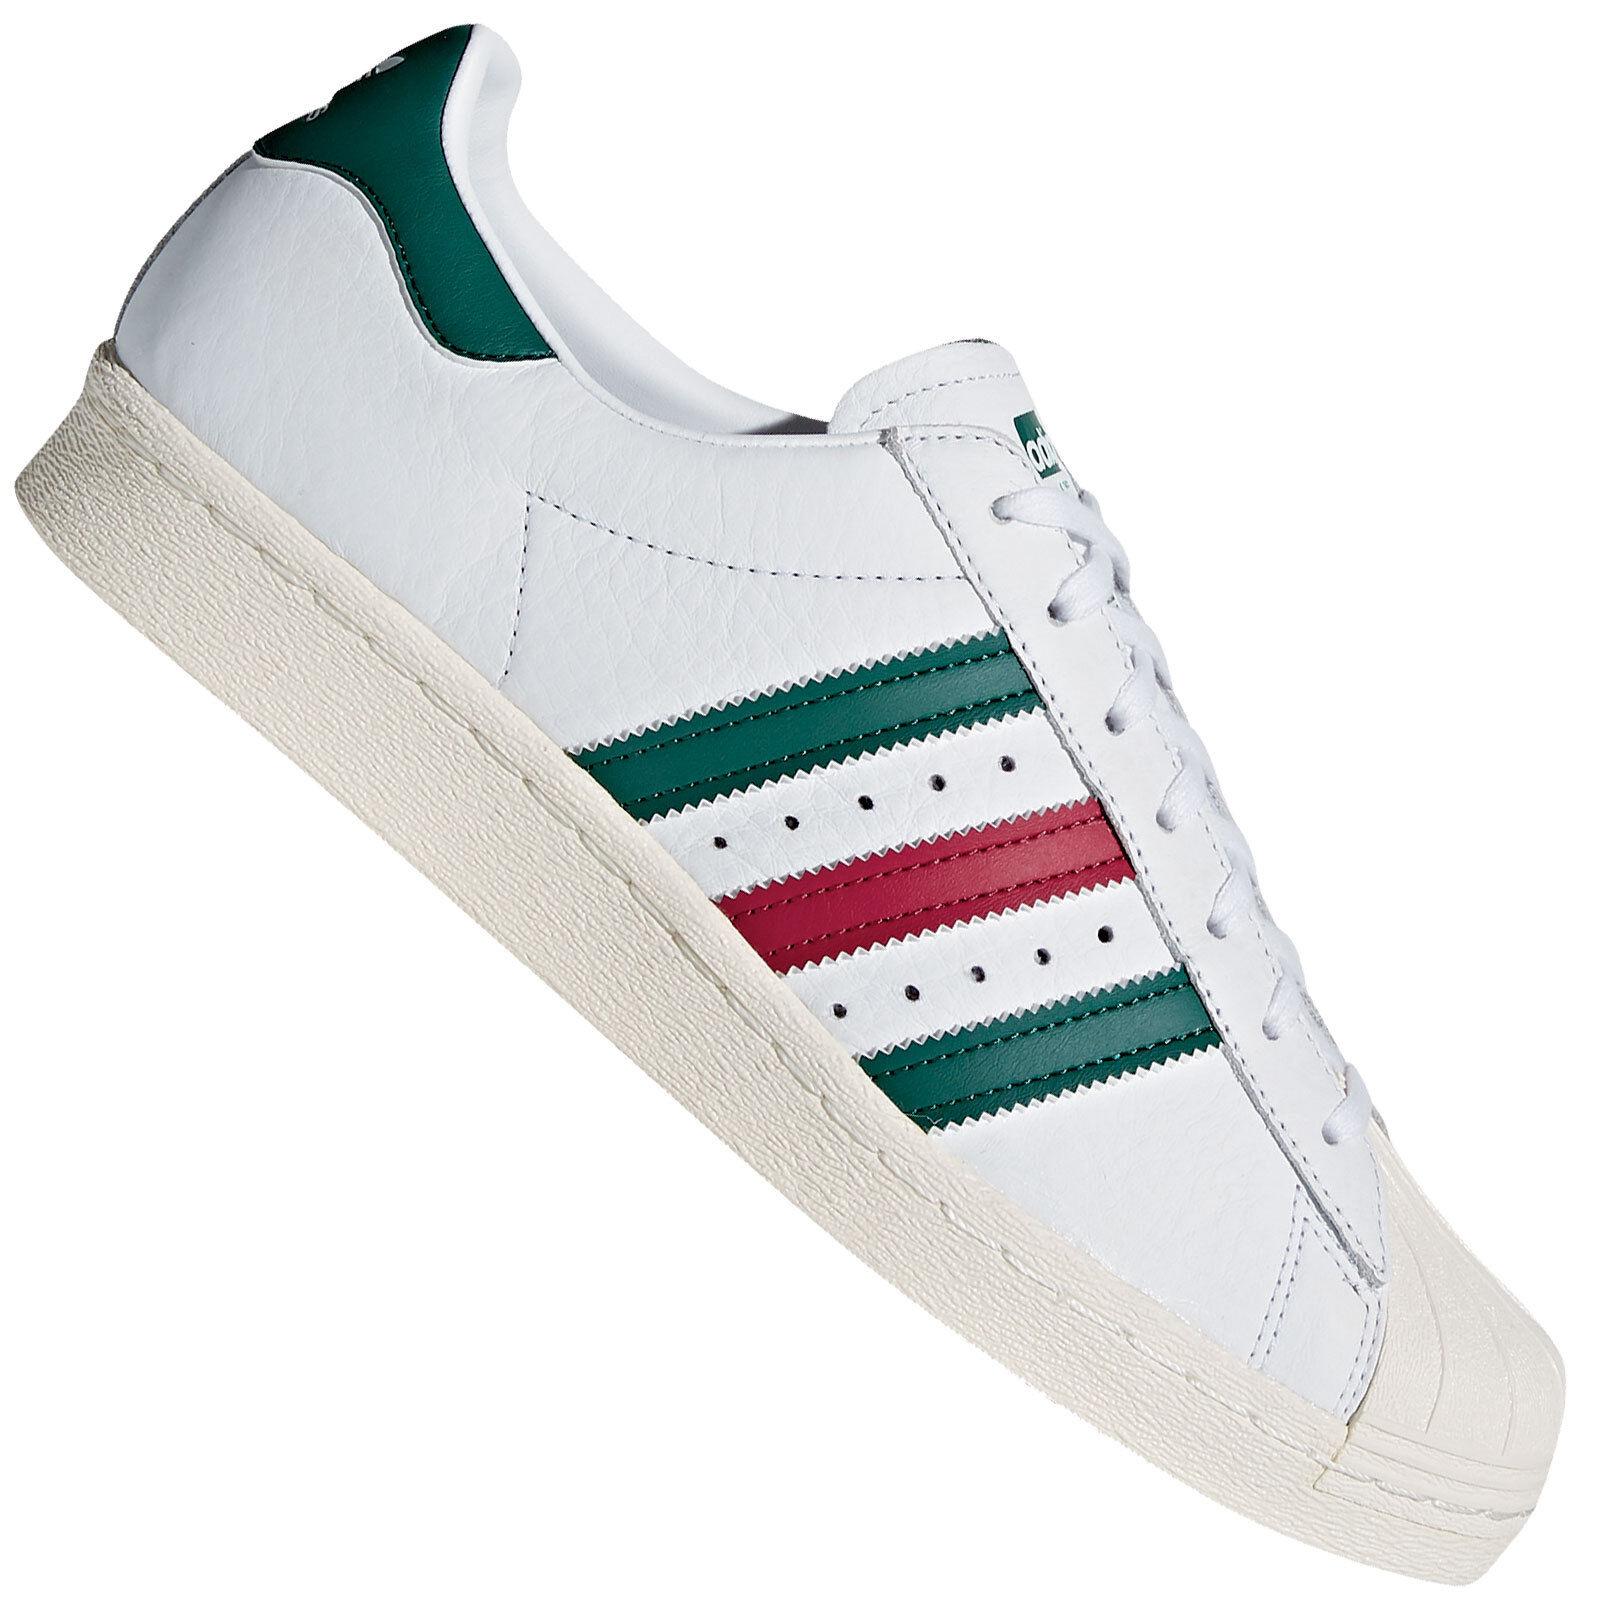 ADIDAS ORIGINALS superstar 80s caballeros zapatillas | cortos señora Sportzapatos zapatillas caballeros 943196